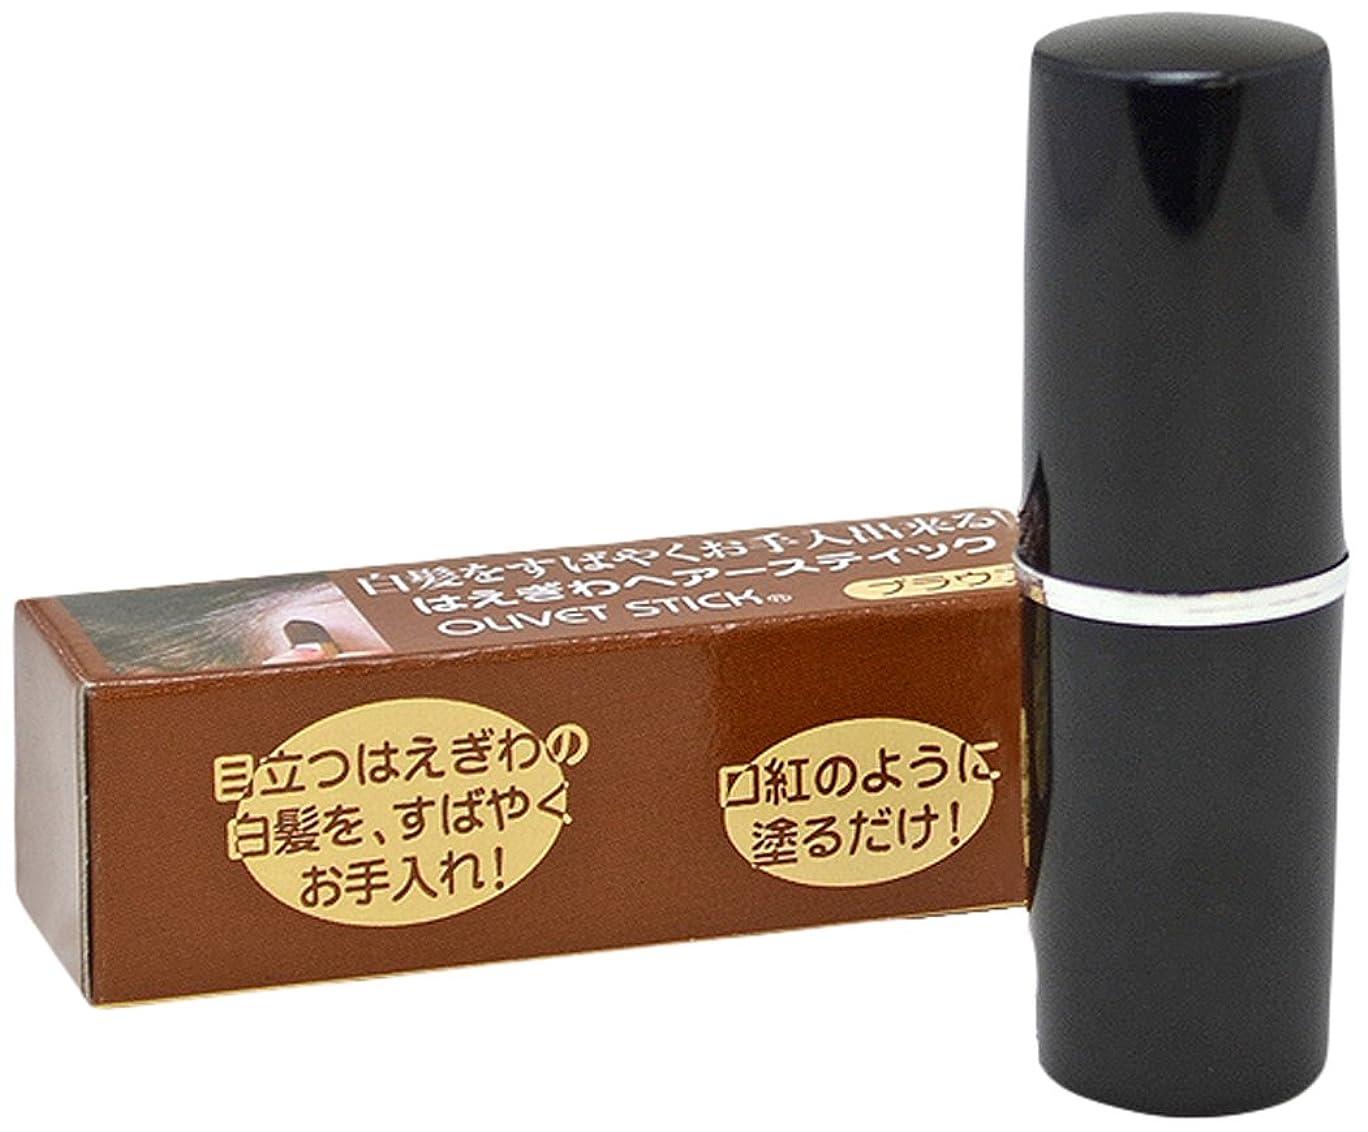 時代遅れよりスーツケース美の友オリベットスティック(ブラウン)3.8g